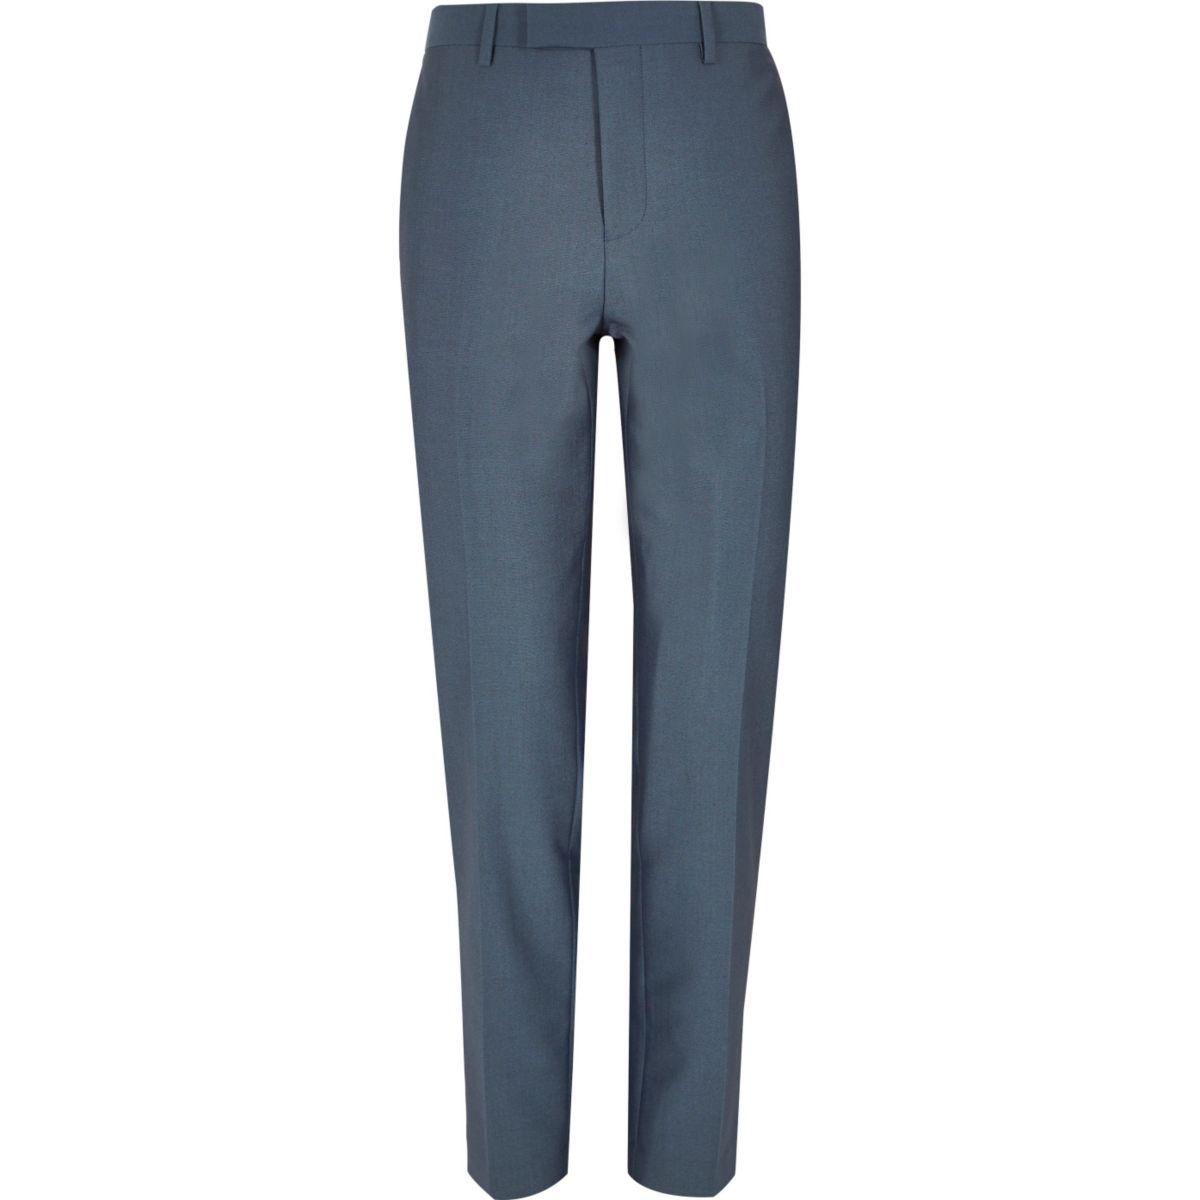 Blue tailored suit pants